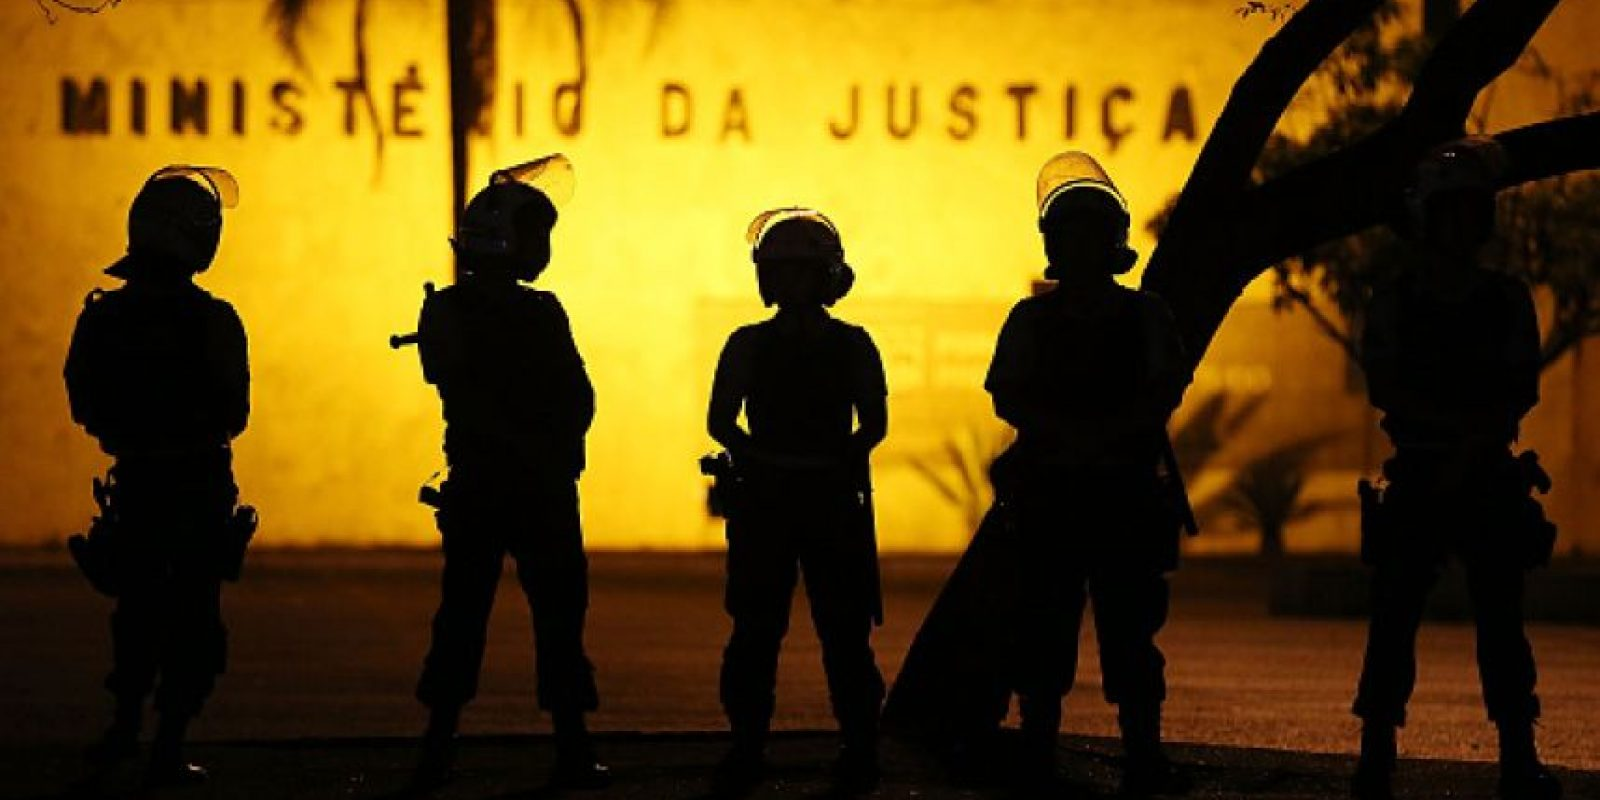 La policía de Brasil busca a los más de 30 hombres acusados de violar a la joven de 16 años. Foto:Getty Images